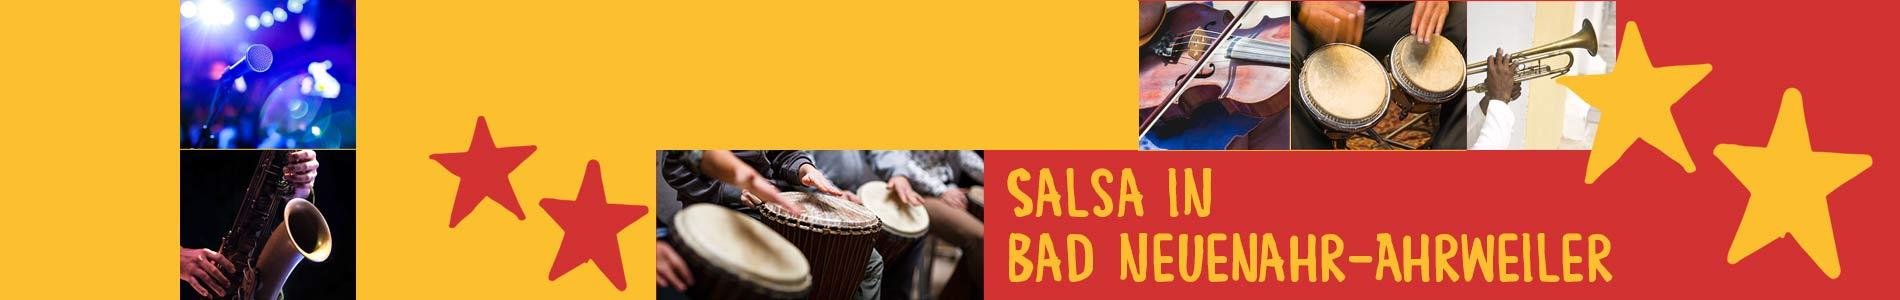 Salsa in Bad Neuenahr-Ahrweiler – Salsa lernen und tanzen, Tanzkurse, Partys, Veranstaltungen